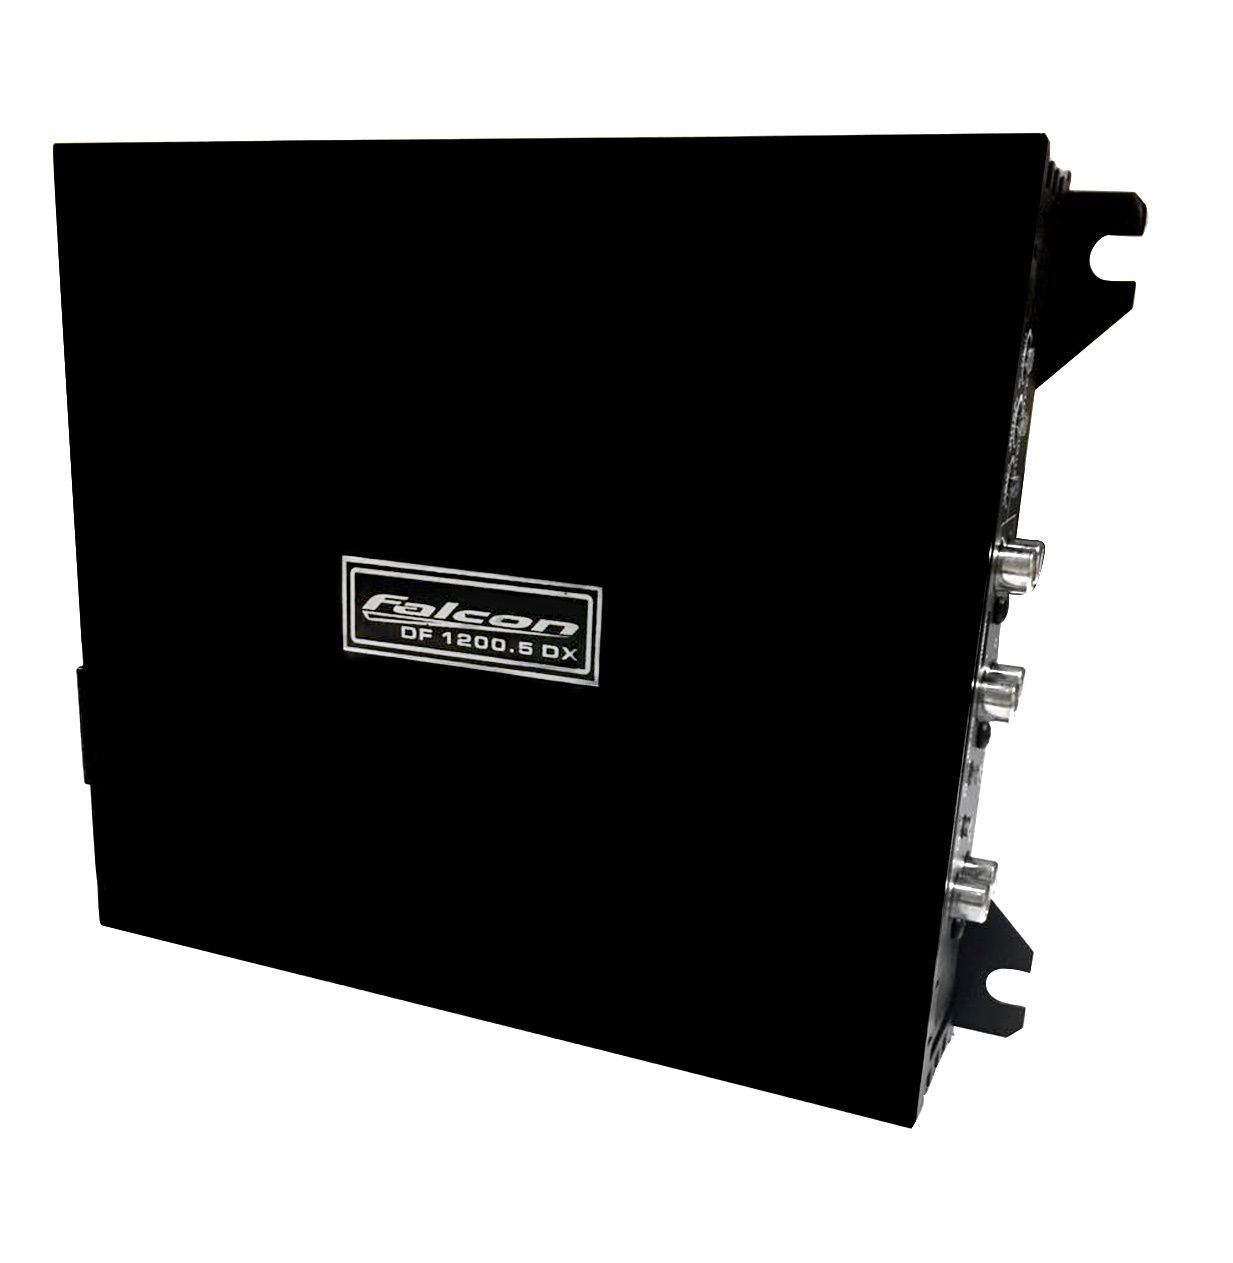 Módulo Amplificador Falcon DF1200.5DX 1200W Rms 2 Ohms 5 Canais